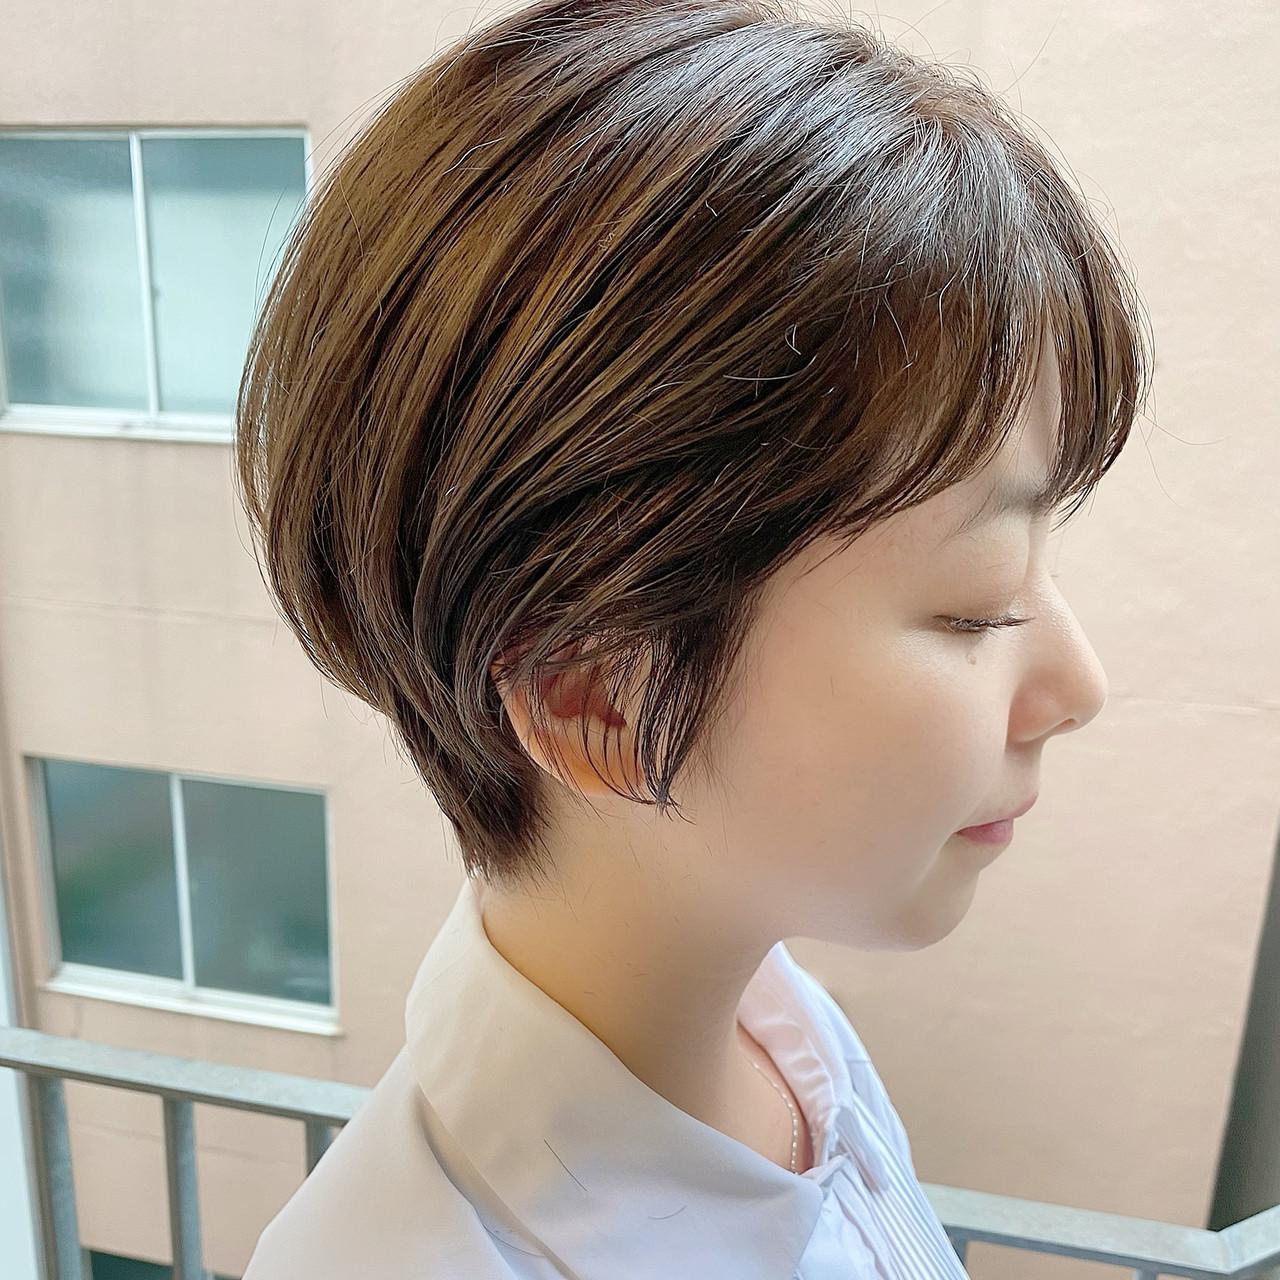 ショート ベリーショート 大人可愛い ショートボブ ヘアスタイルや髪型の写真・画像